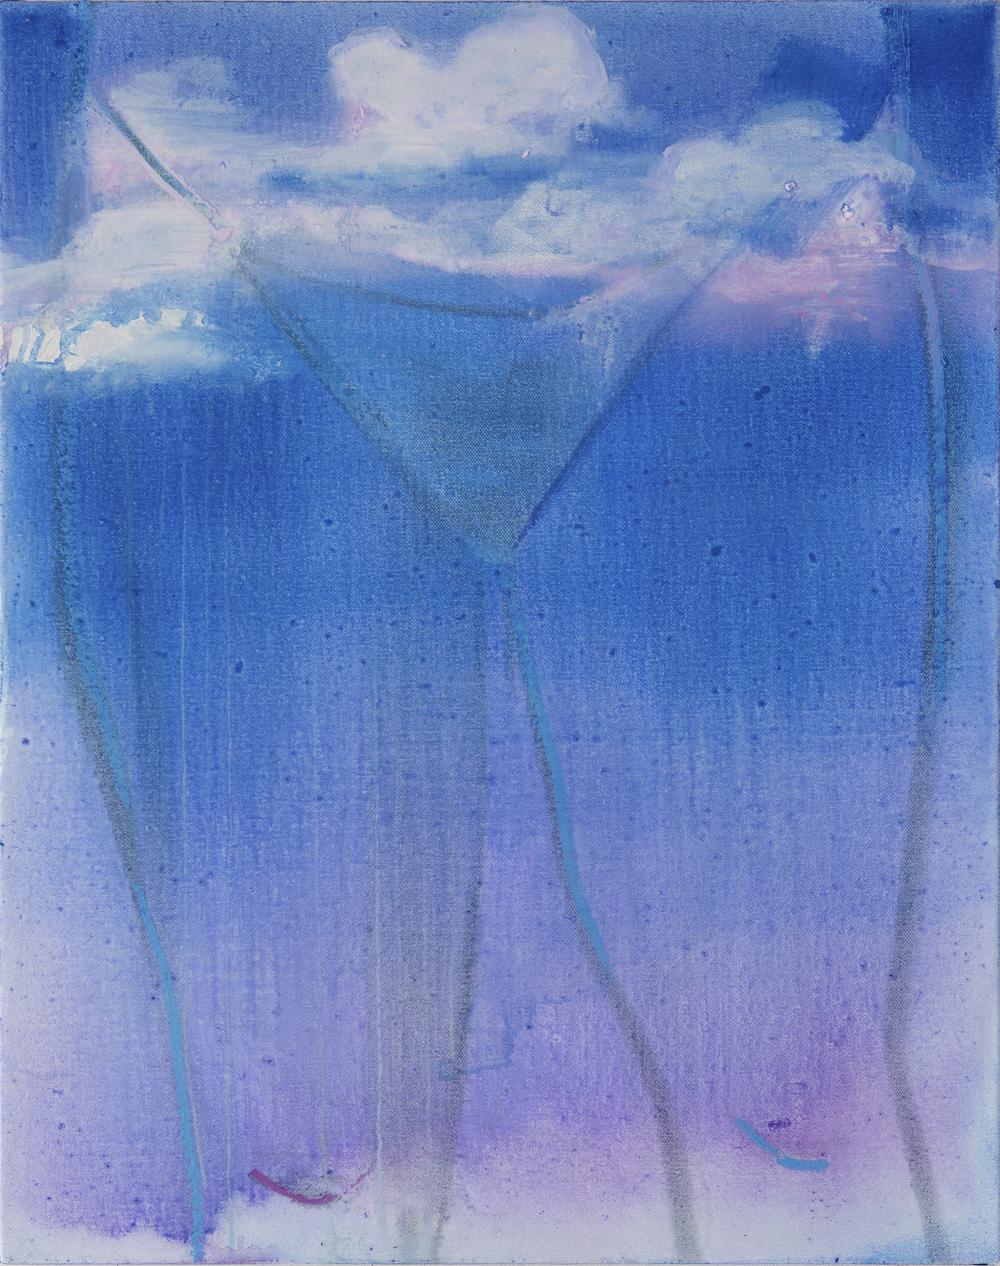 """Anna Schachte, """"Heat Wave,"""" 20 x 16 in, 2018"""